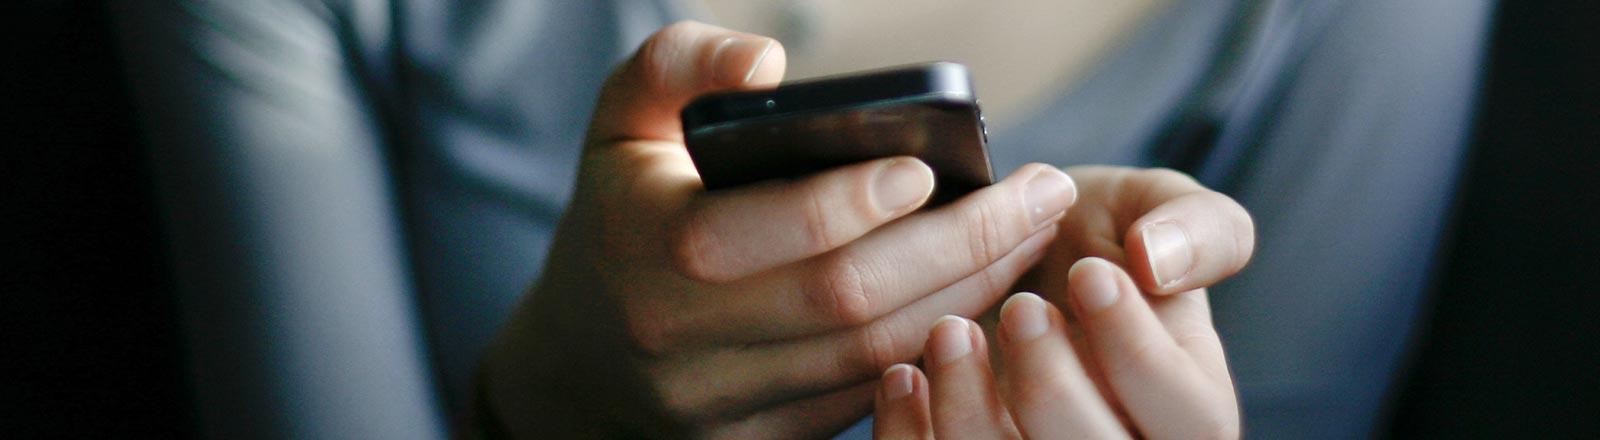 Eine Frau hält ein Mobiltelefon.